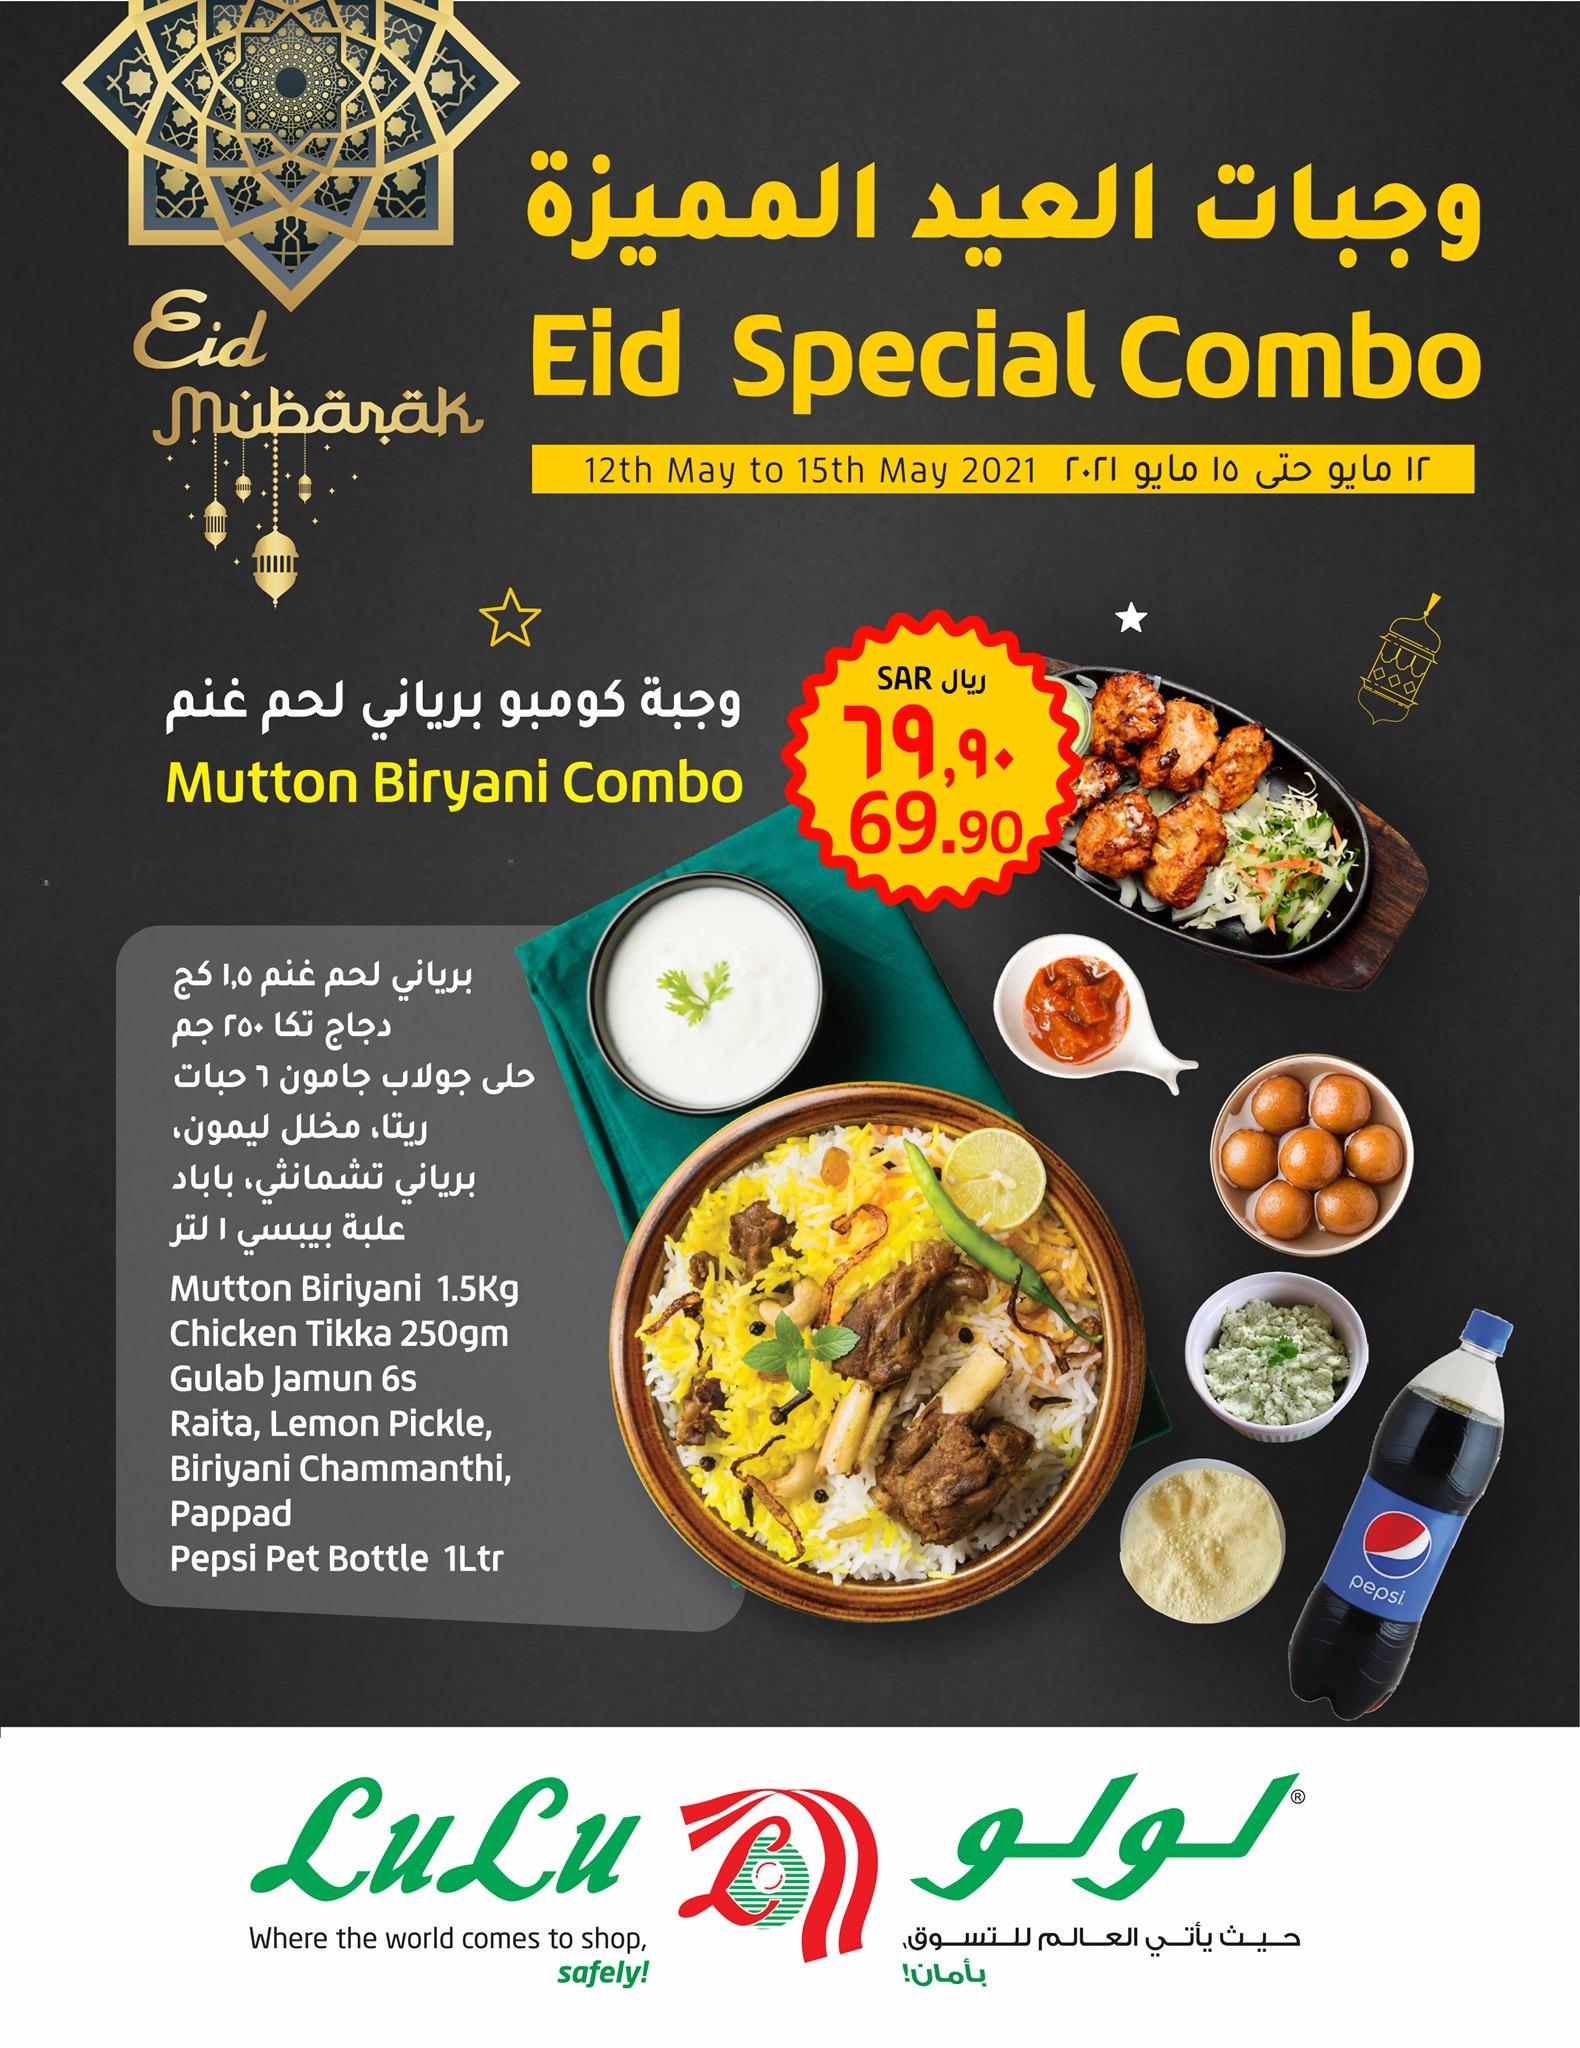 عروض لولو الرياض اليوم 12 مايو حتى 15 مايو 2021 وجبات العيد المميزة